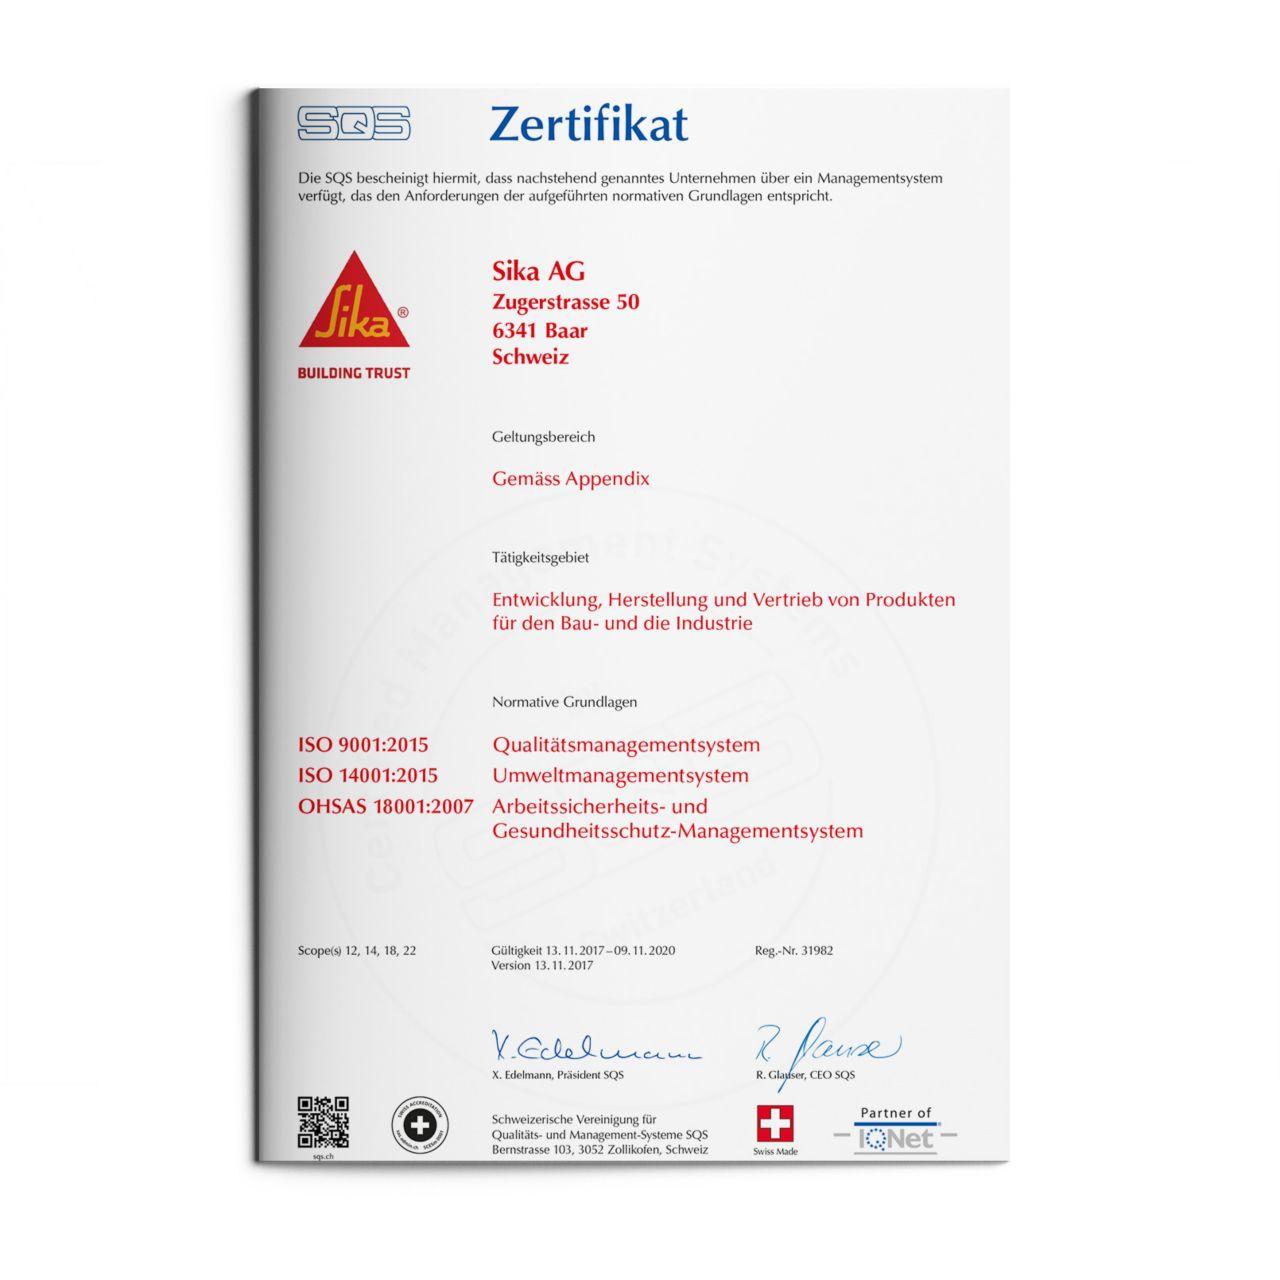 Zertifikat der zertifizierten Managementsysteme (Qualität, Umwelt, Energie)